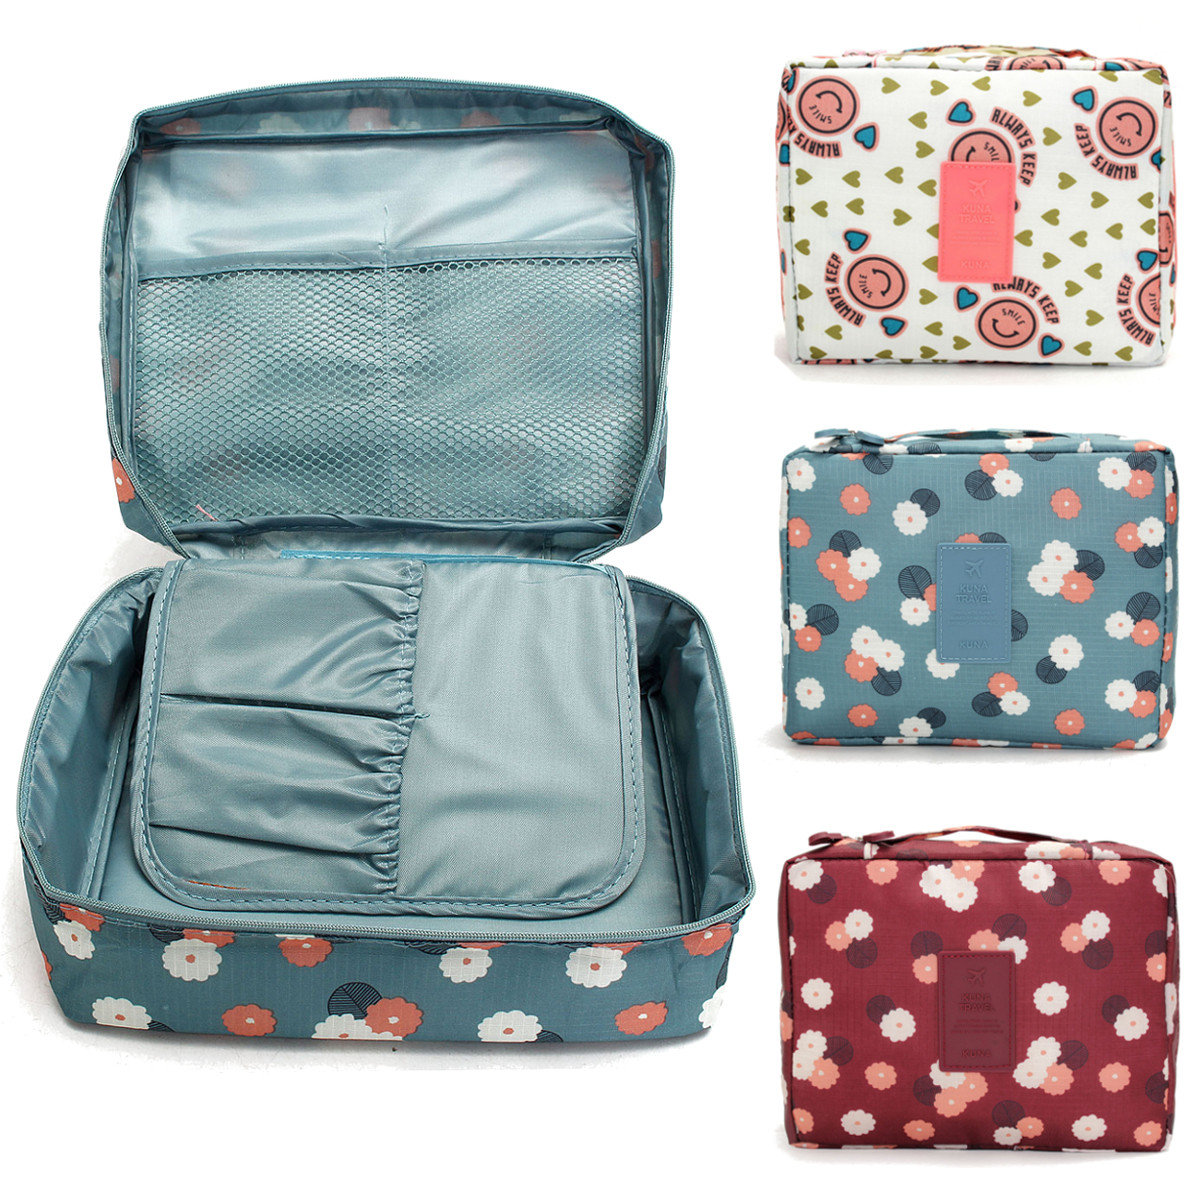 3 Шаблоны Путешествия Косметический макияж сумка Организатор хранения туалетных принадлежностей Wash Чехол